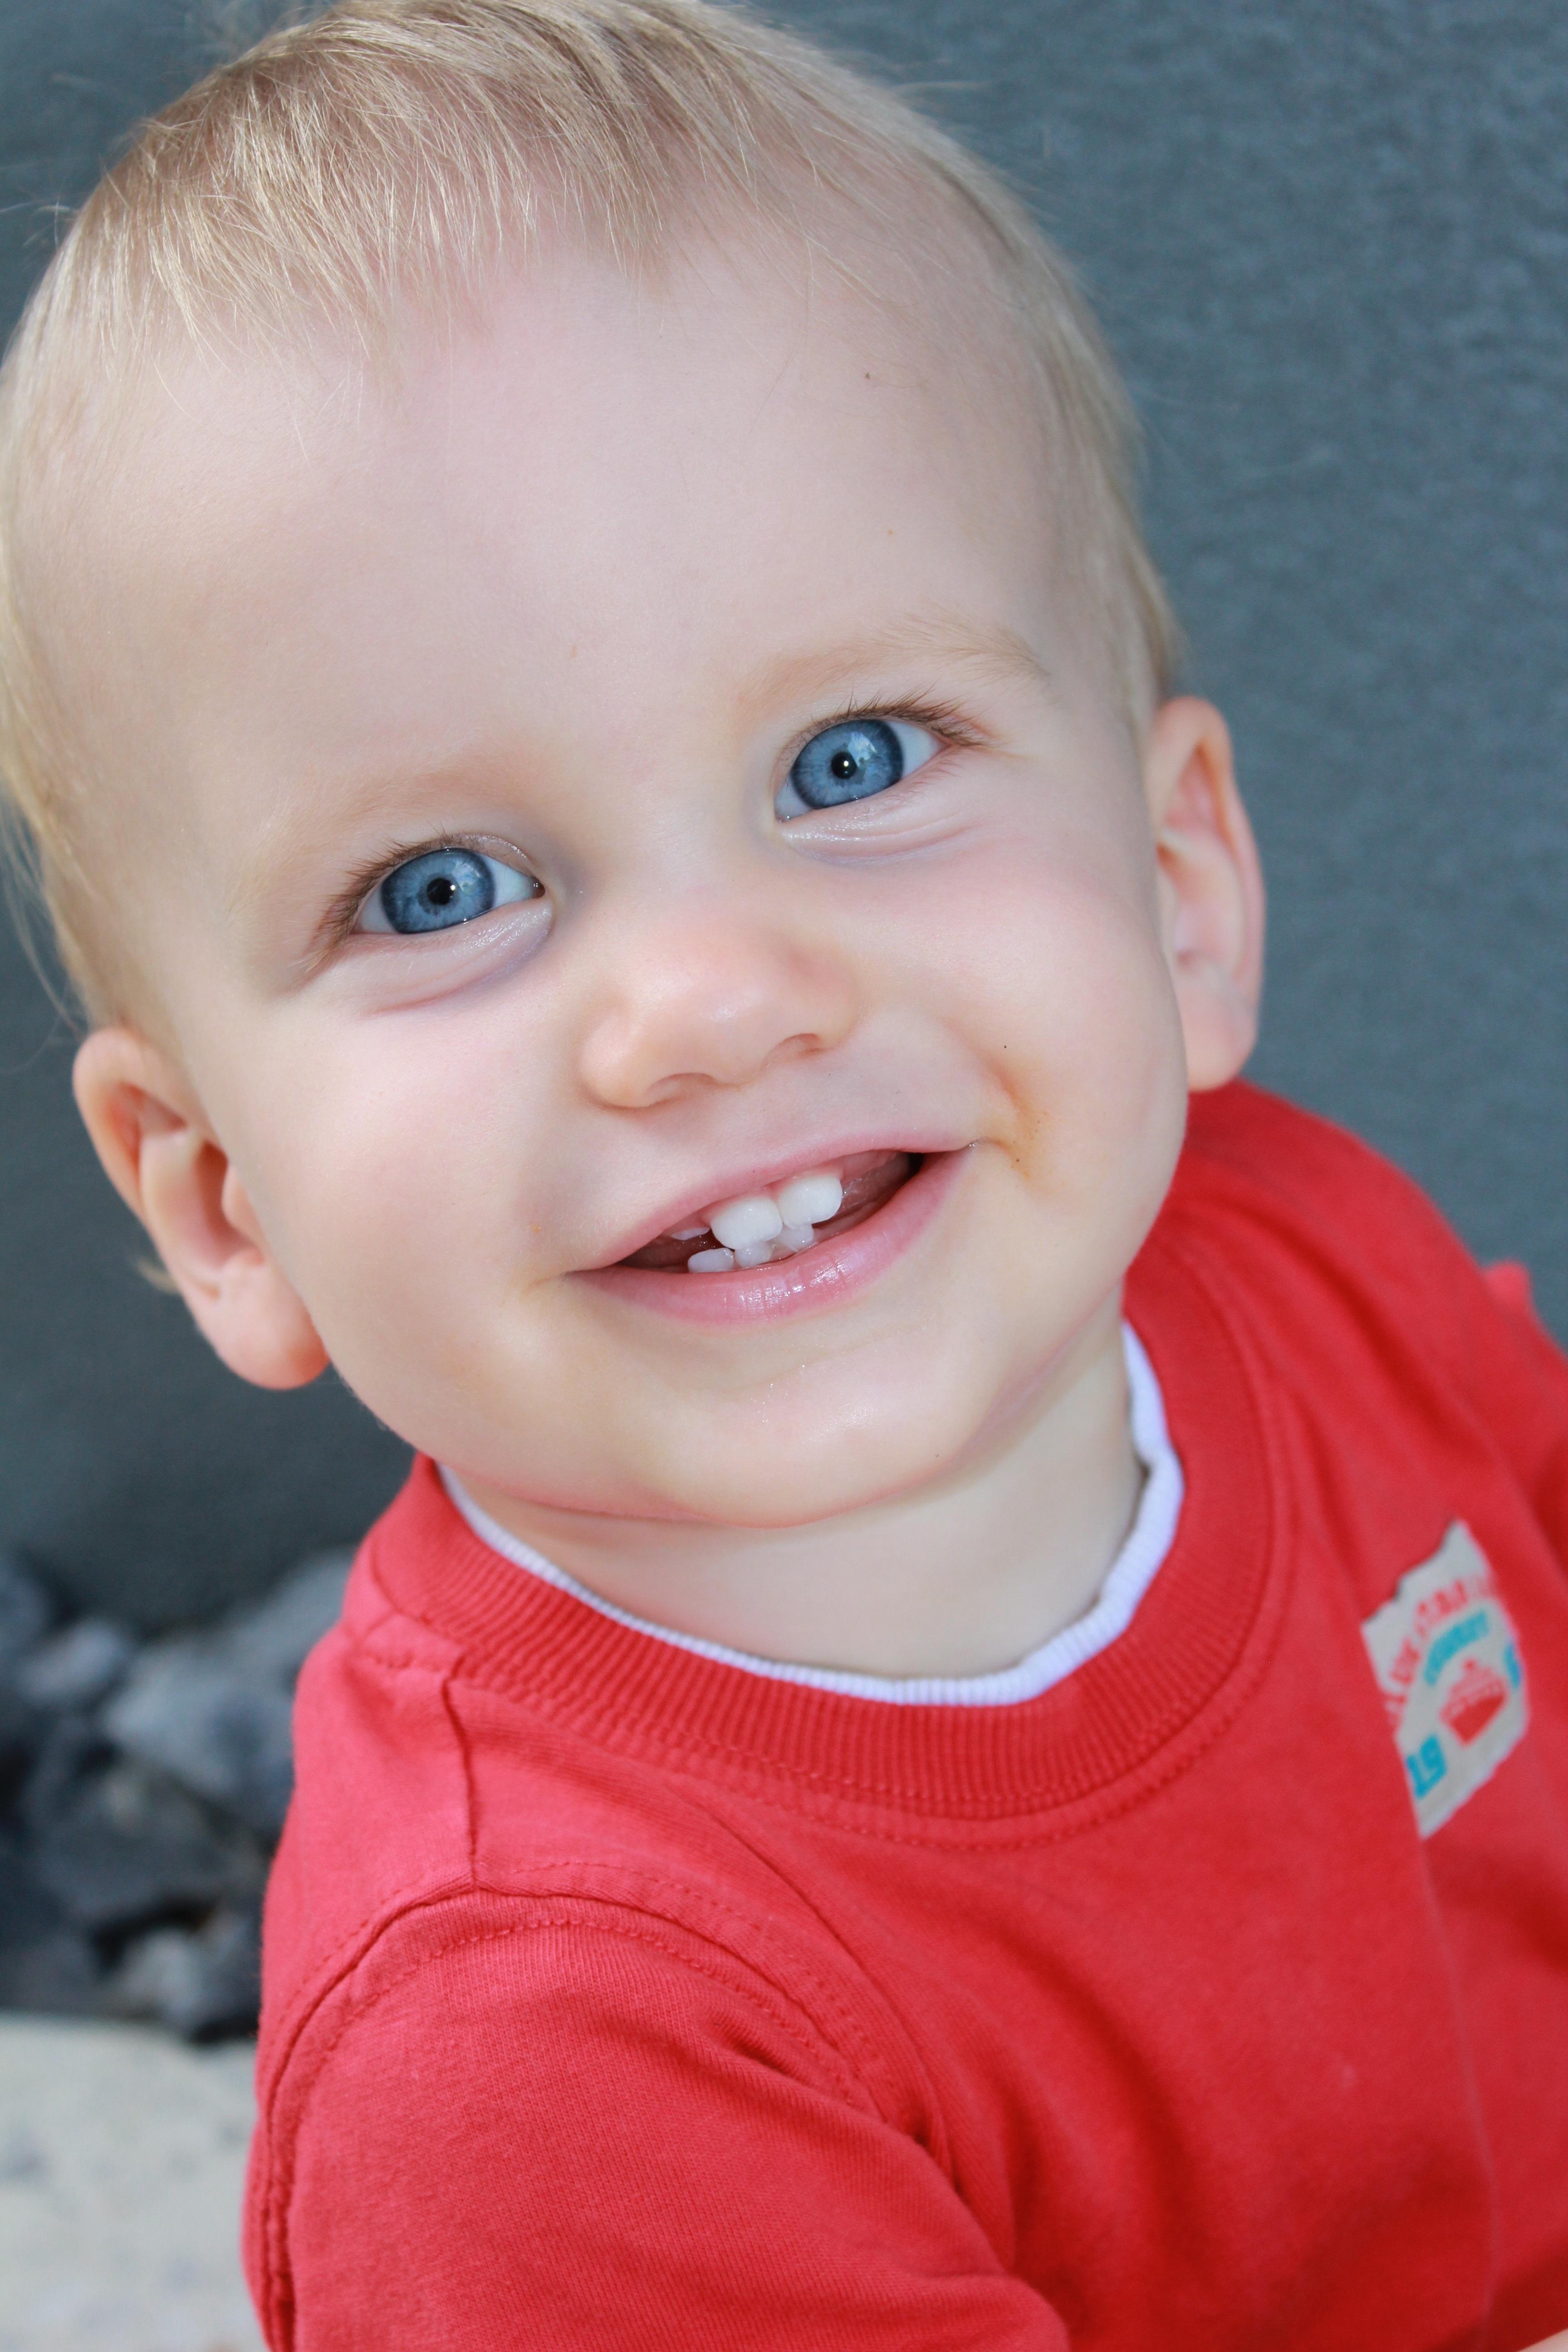 Фото ребенка в улыбке